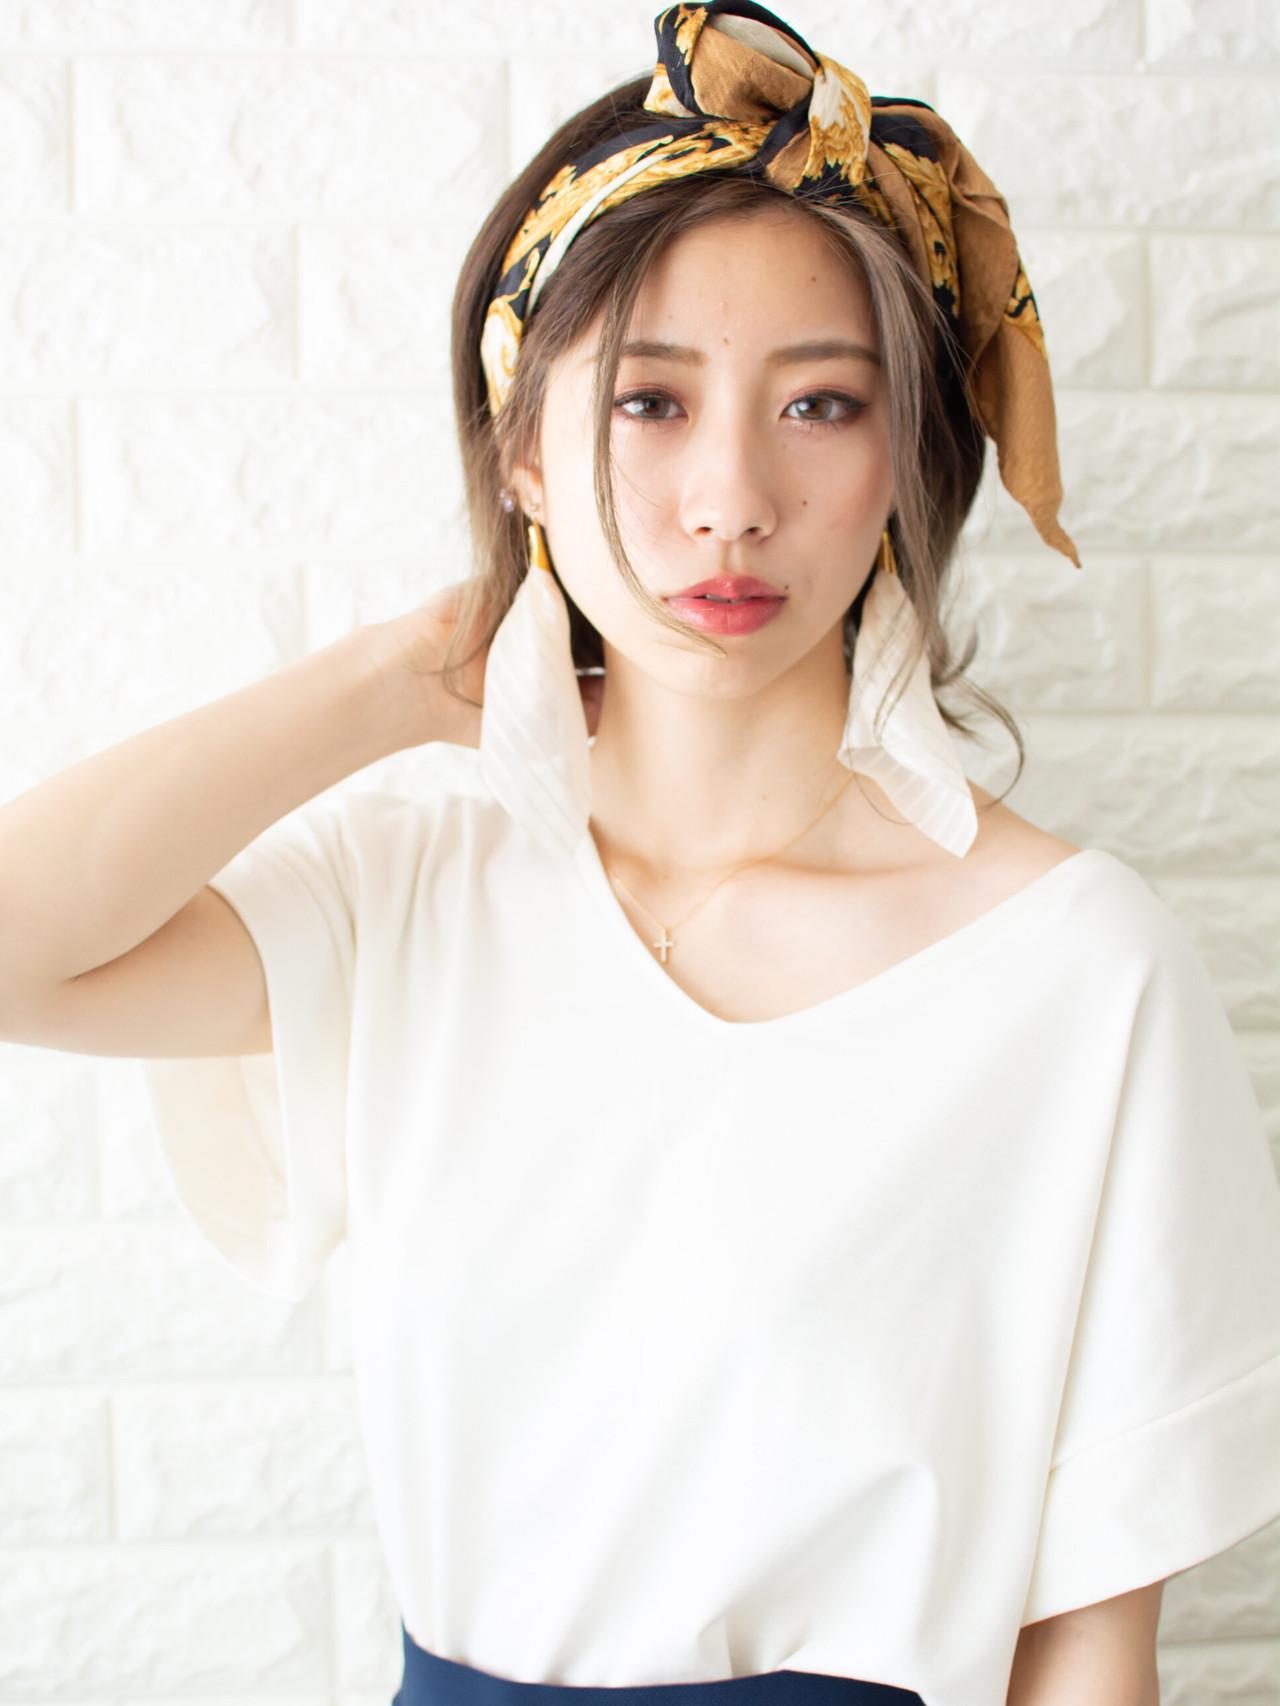 フェミニン ミディアムヘアー 大人可愛い ミディアム ヘアスタイルや髪型の写真・画像 | 【noine】斉藤 正敏 / noine